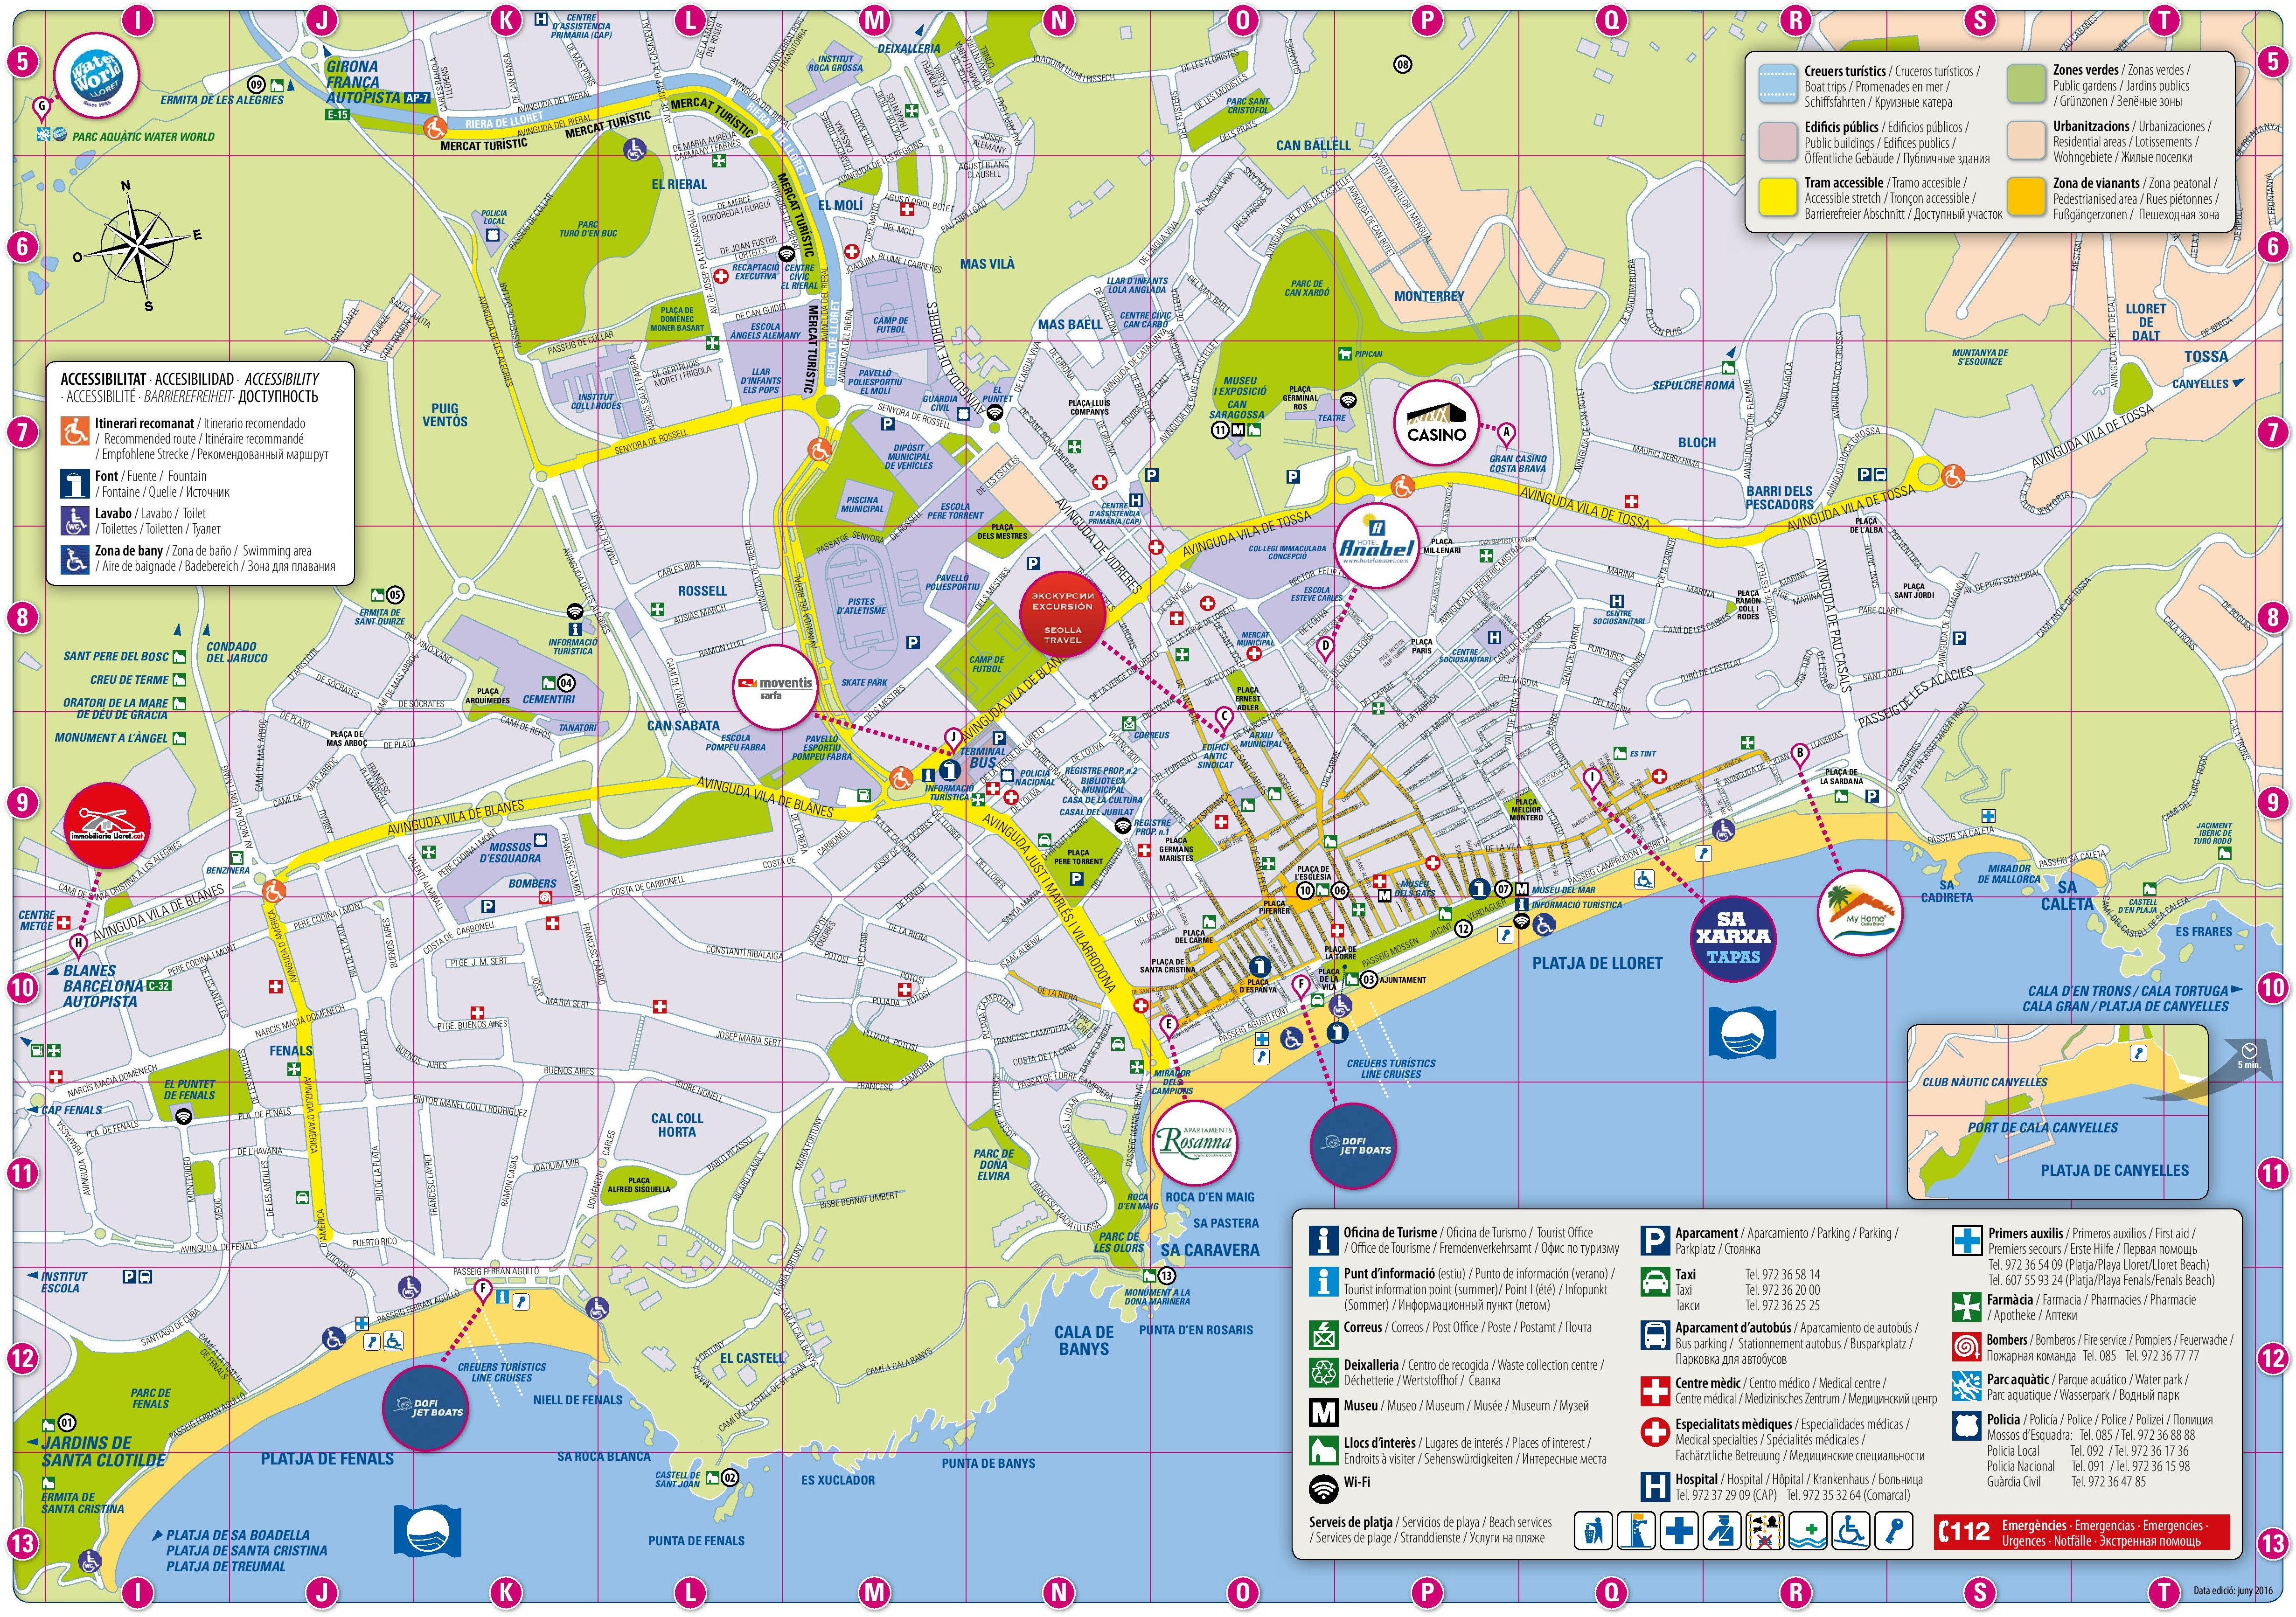 mapa de espanha lloret del mar Cantabria tourist map mapa de espanha lloret del mar